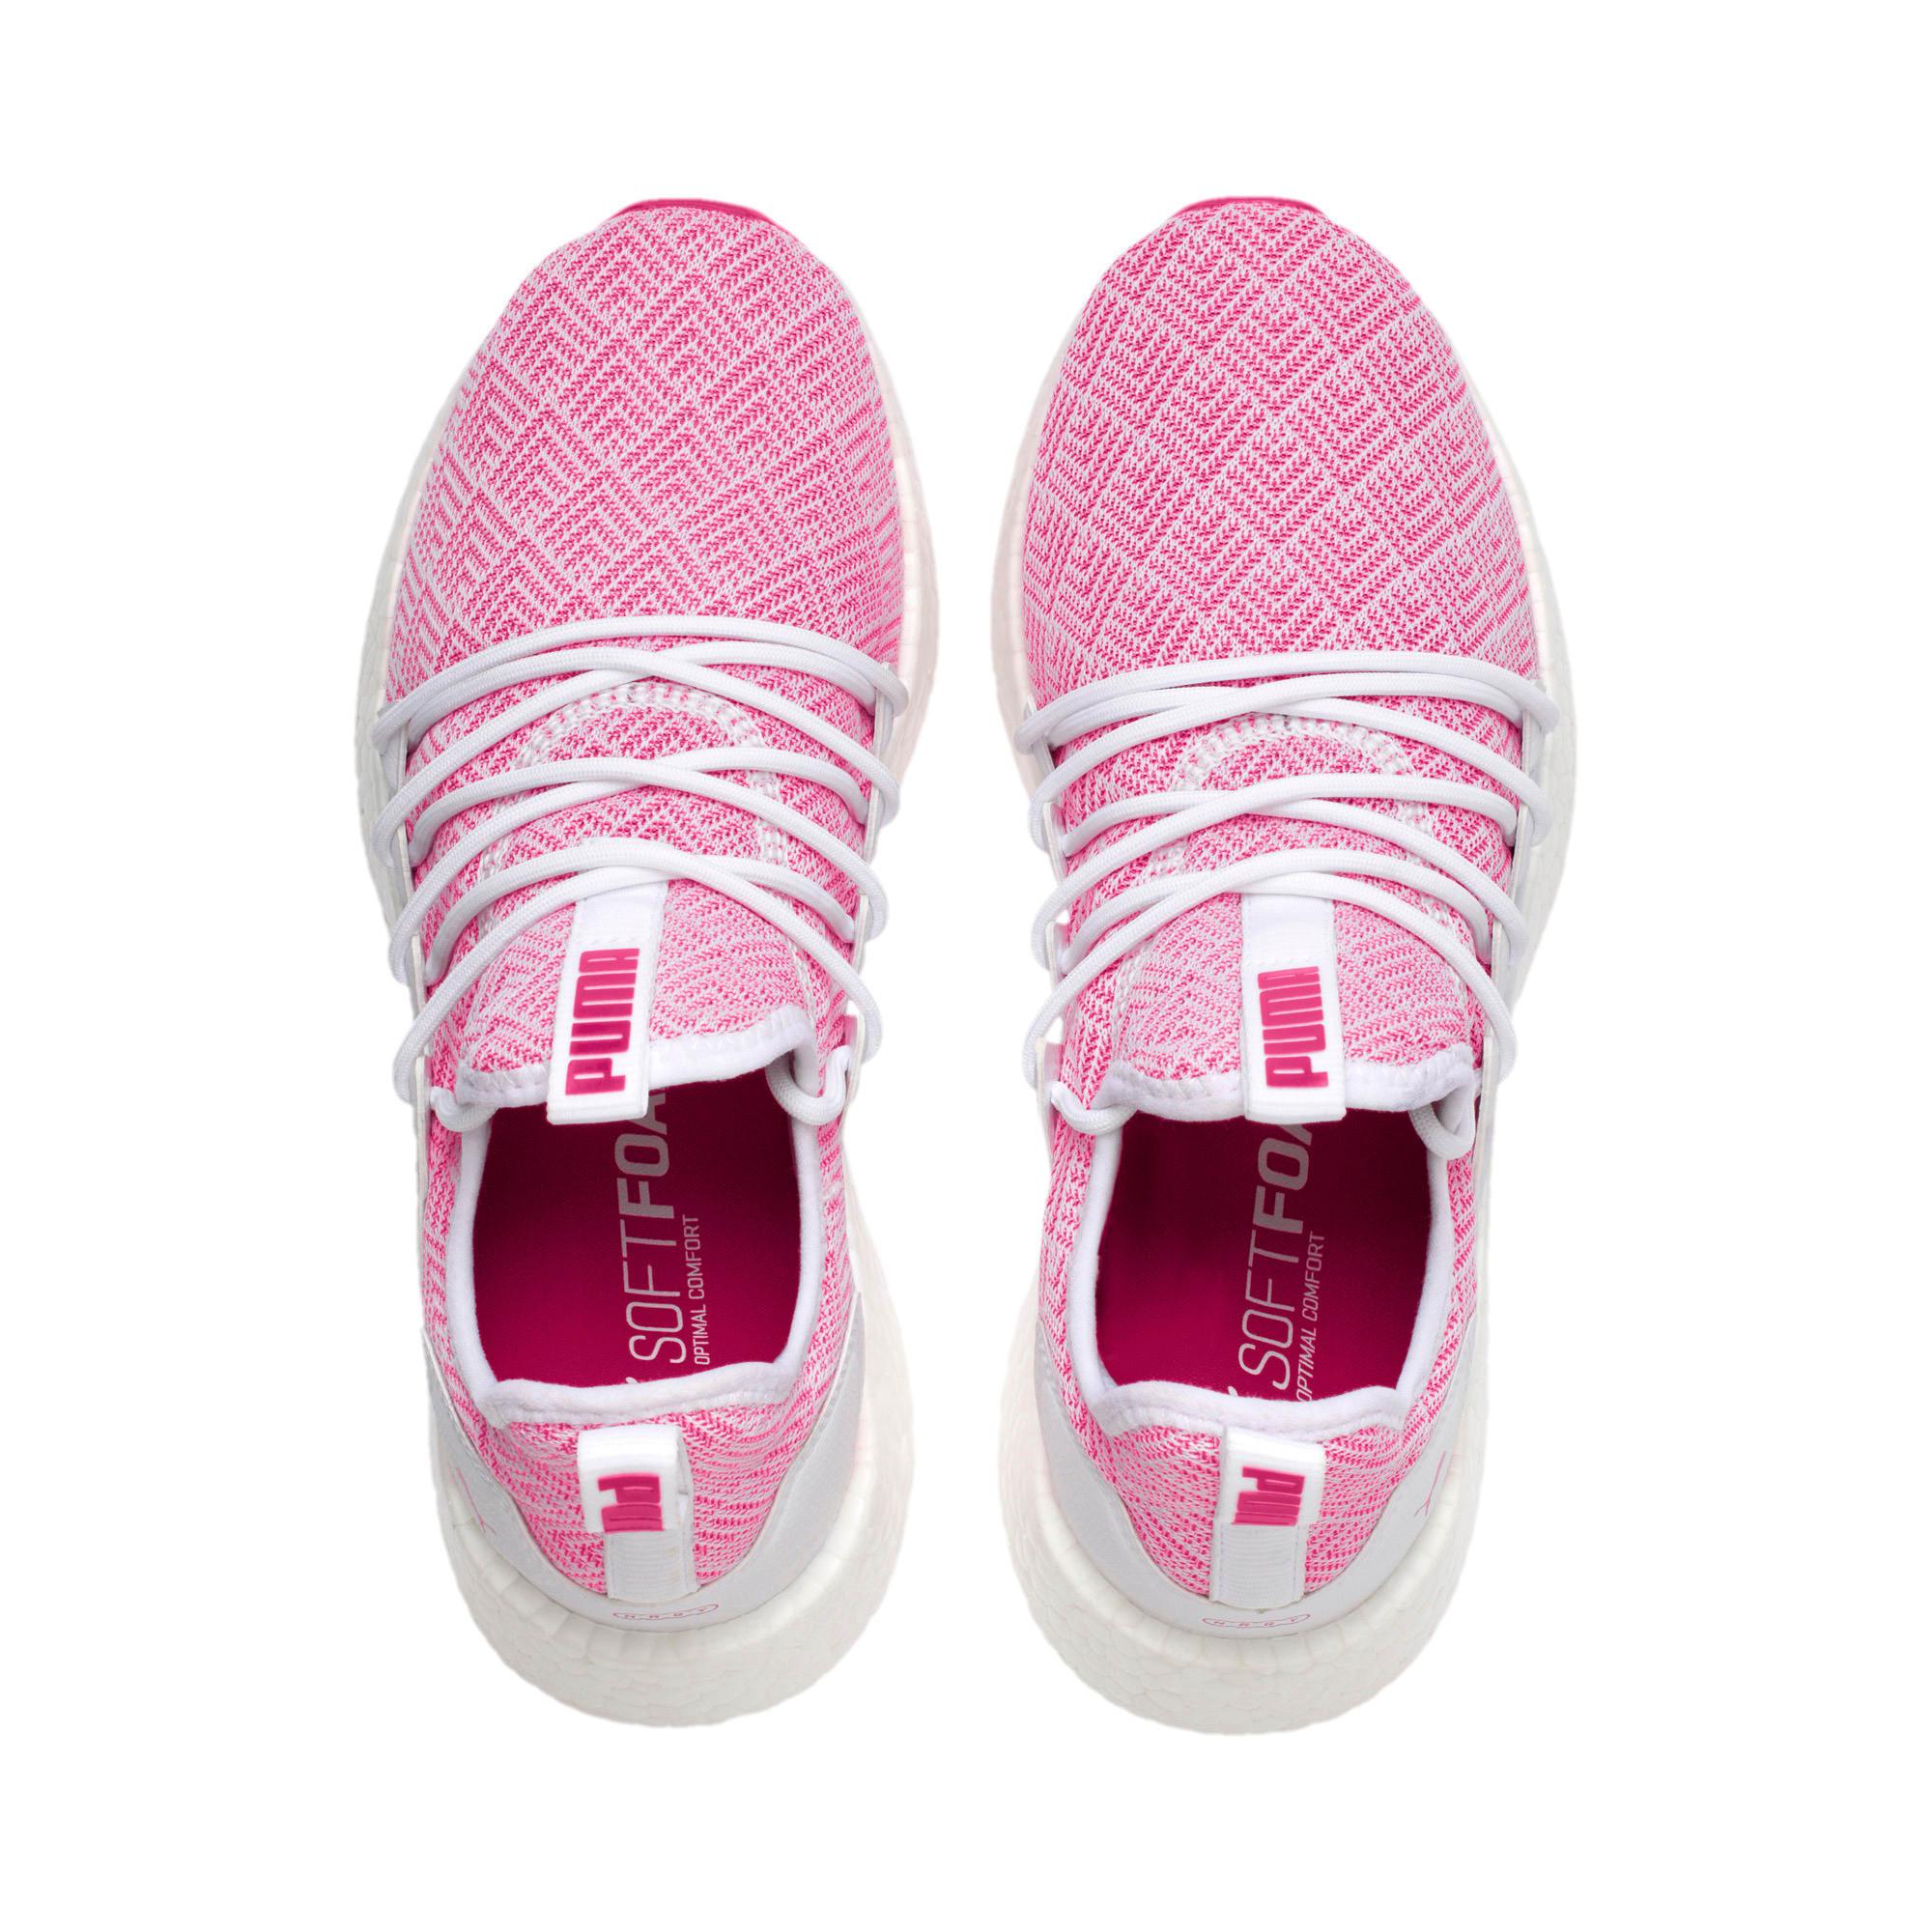 Thumbnail 6 of NRGY Neko Stellar Women's Running Shoes, Puma White-Fuchsia Purple, medium